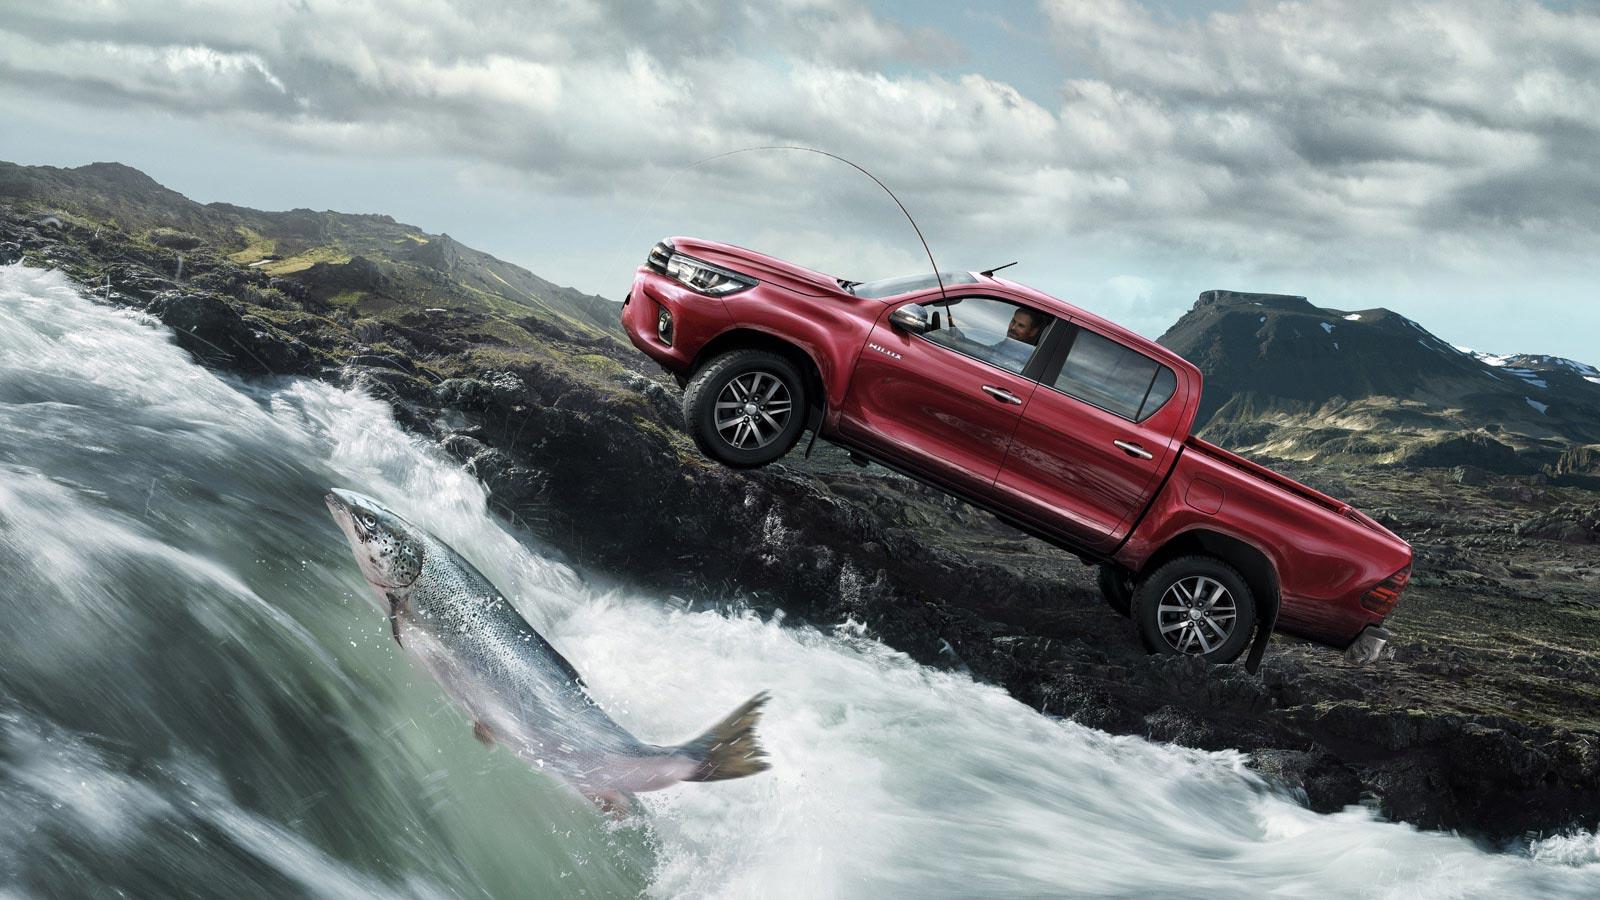 Đánh giá xe bán tải Toyota Hilux phiên bản mới ảnh 22 - Hilux 2020: giá xe và khuyến mãi cập nhật tháng [hienthithang]